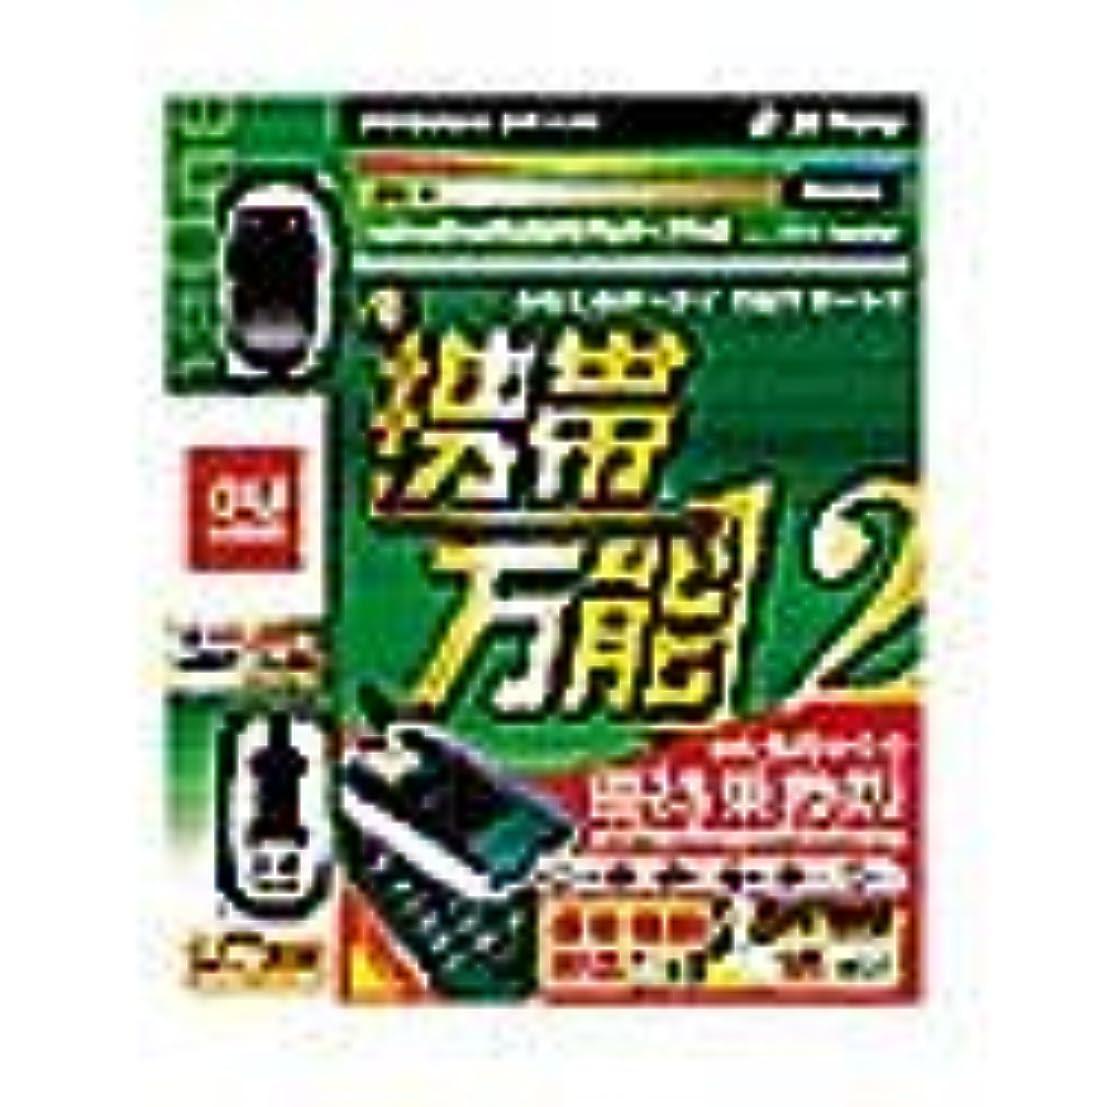 クラシカル同化する一貫性のない携帯万能 12 優待乗換版 au用 cdmaOne用乗り換え版USBモデムケーブル付